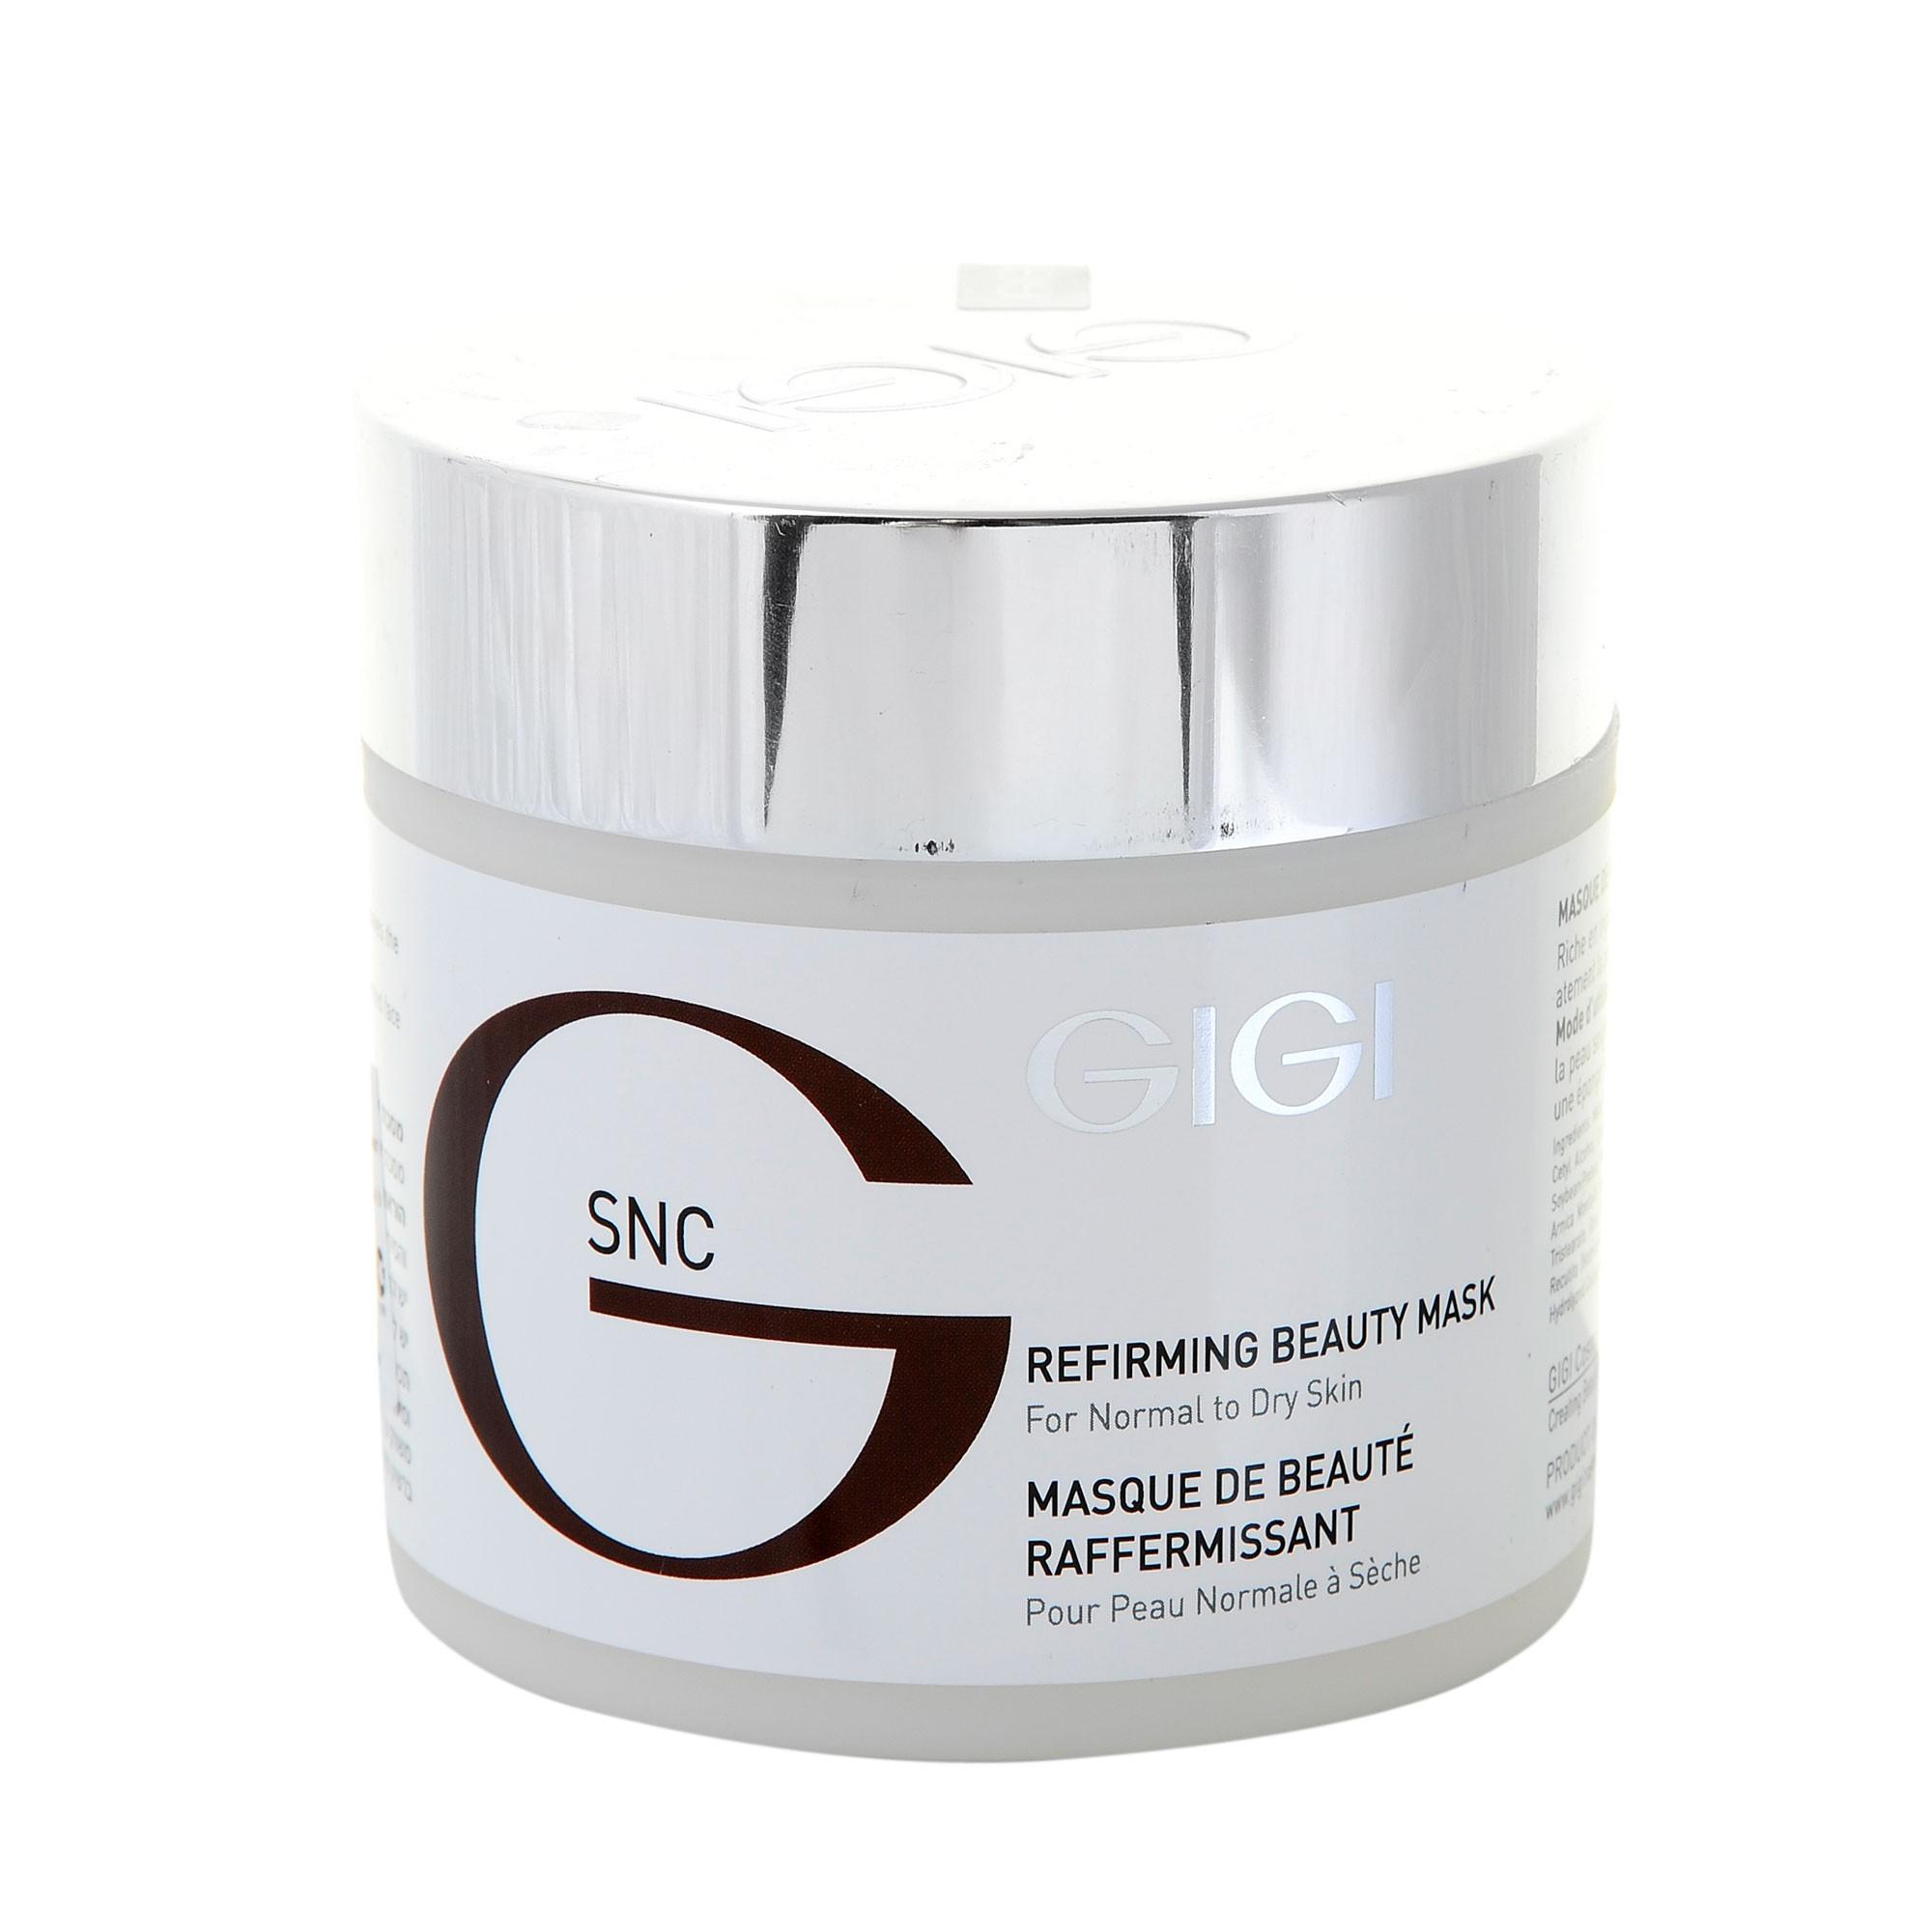 GIGI Маска красоты укрепляющая / Refirming Beauty Mask SNC 250млМаски<br>Маска приятной кремообразной консистенции с высоким содержанием биологически активных компонентов, легко усваиваемых кожей (масло календулы, Ши, семян шиповника), предназначена для интенсивного обновления и омоложения кожи любого типа. Действует: Активизирует клеточные процессы, нормализует обмен веществ, улучшает циркуляцию крови в дерме, регулирует проницаемость тканей, уменьшает симптомы натянутости кожи, разглаживает морщины и повышает эластичность тканей. Обладает противовоспалительным, успокаивающим действием, снимает раздражения, регулирует влажность кожи (гиалуроновая кислота, гель Алоэ Вера). Восстанавливает естественный цвет лица, обладает эффектом лифтинга, расправляя морщины. Активные ингредиенты: Масло Ши, гамамелис, протеин сои и пшеницы, экстракт ячменя, арники, ромашки, масло семян шиповника, гель алоэ, аллантоин, масло календулы, гидролизированные коллаген, эластин и шелк, гиалуроновая кислота, витамин Е.  Способ применения: Нанести на очищенное лицо тонким равномерным слоем, внедрить массажными движениями и оставить на 20 минут или поверх нанести SNC Biomarine термомоделирующую маску. Остатки снять теплым компрессом или слегка промокнуть влажными салфетками.<br><br>Объем: 250<br>Вид средства для лица: Успокаивающий<br>Назначение: Морщины